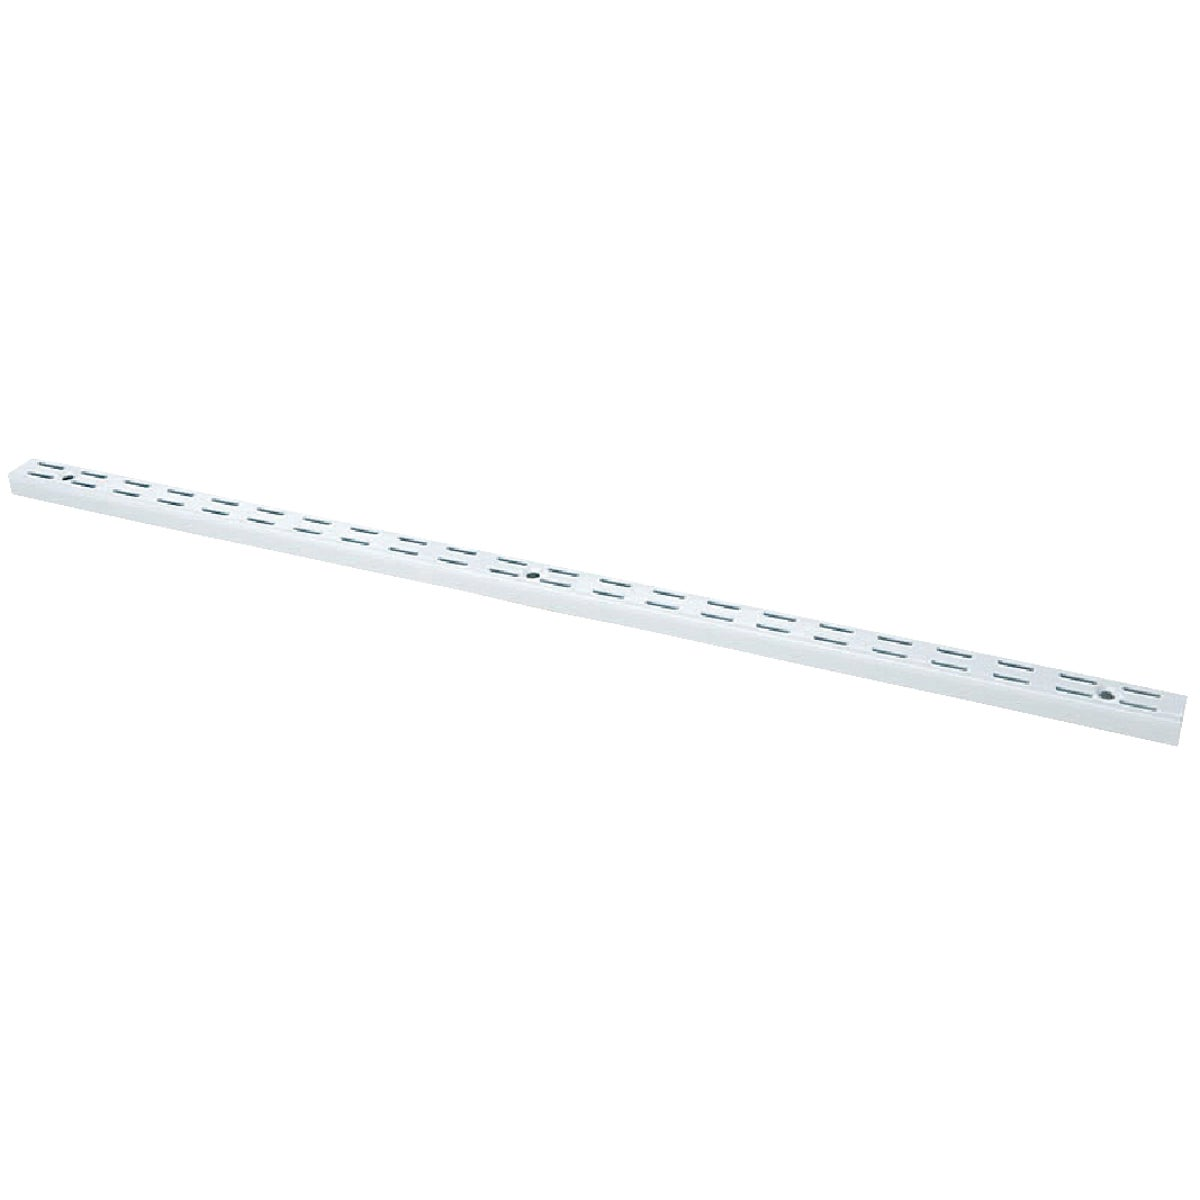 Standard Wall-Mounted Upright, 7913304811